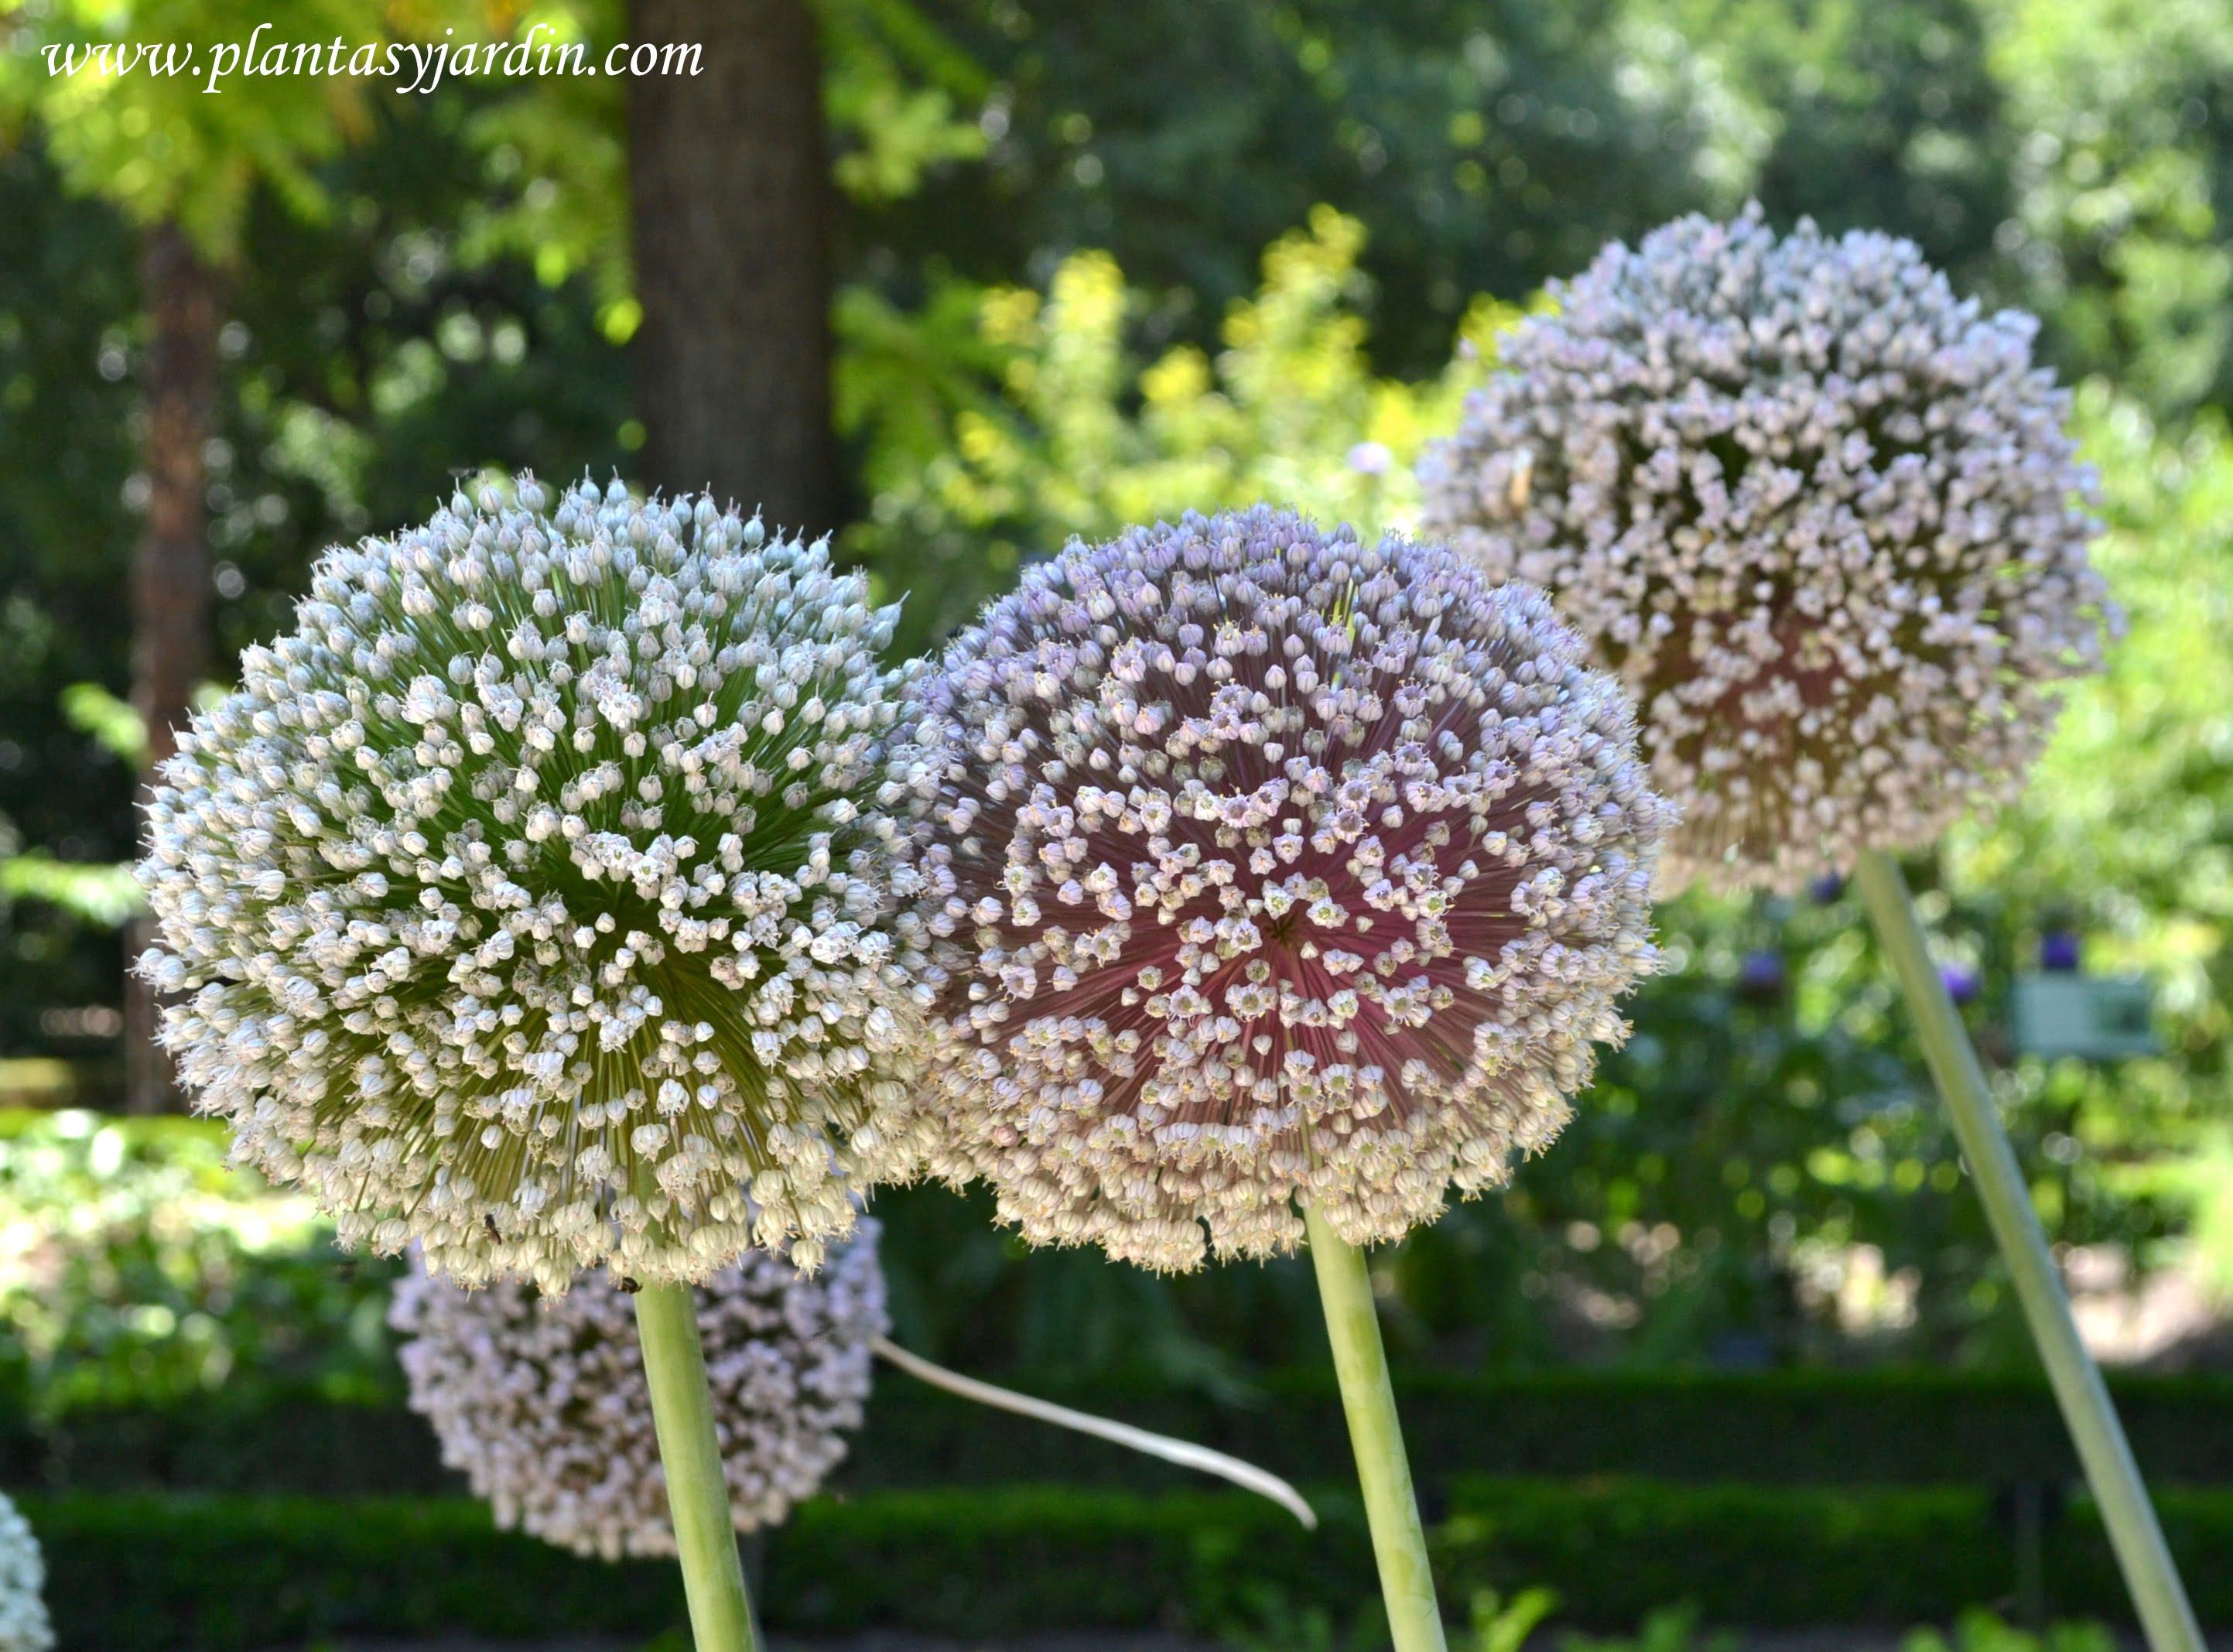 Alliim porrum, las flores del puerro